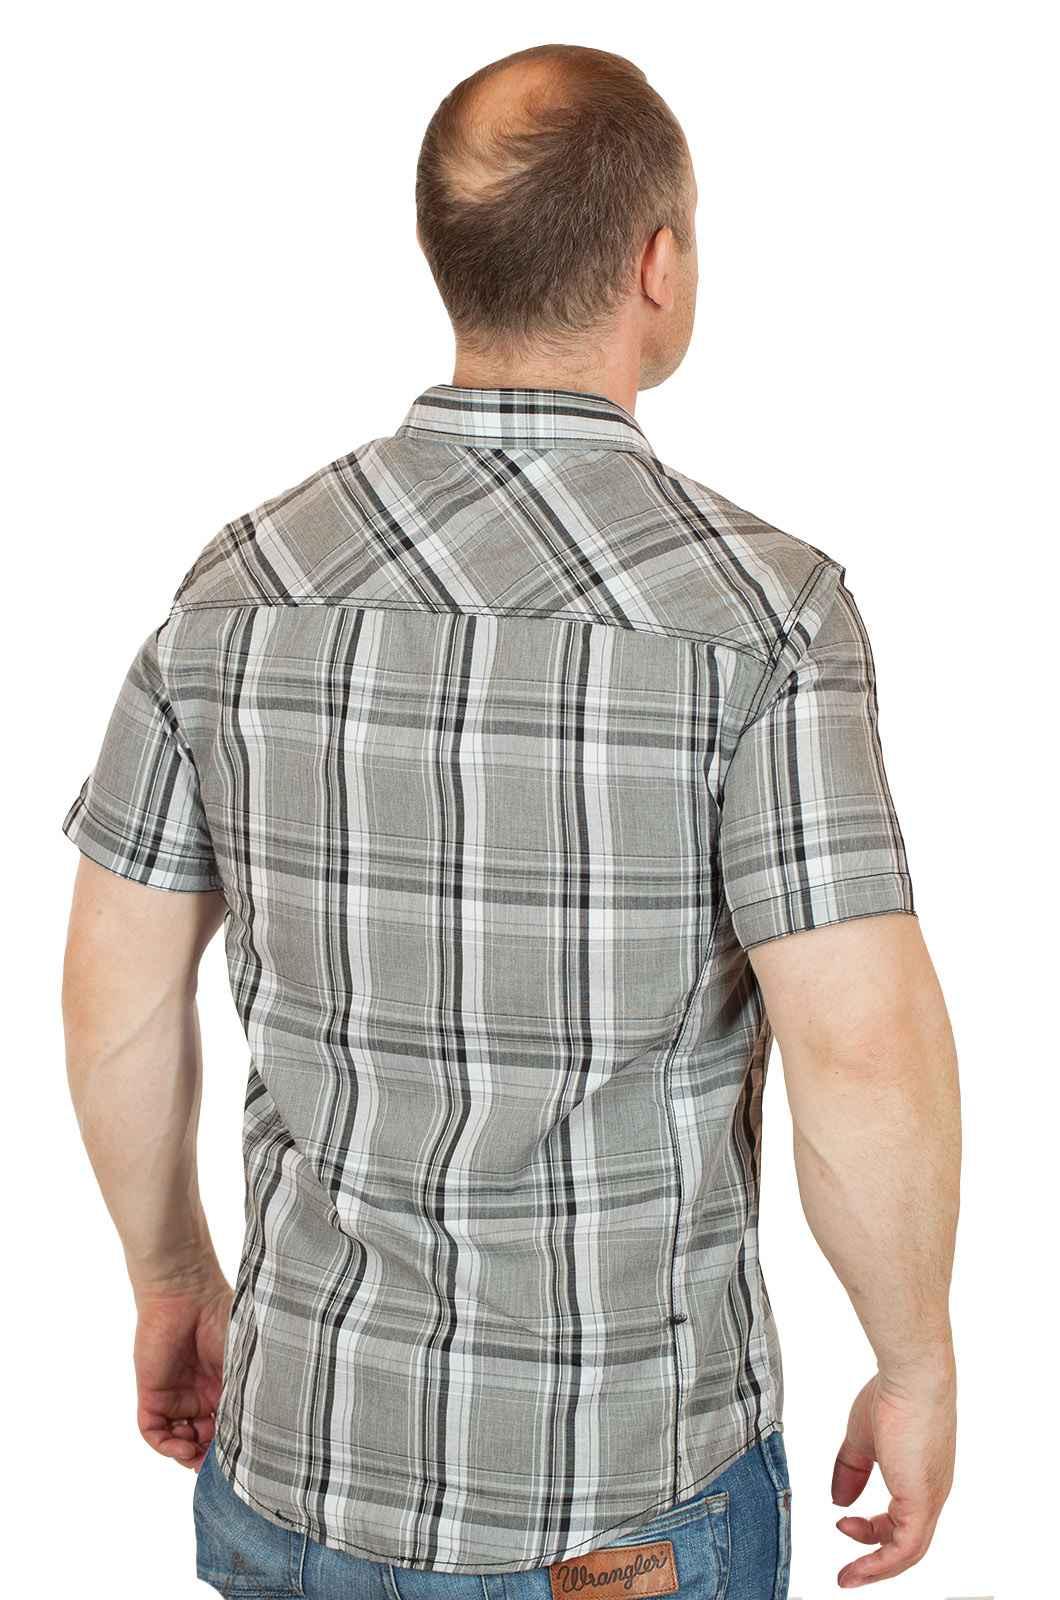 Стильная городская мужская рубашка от Machine-вид сзади